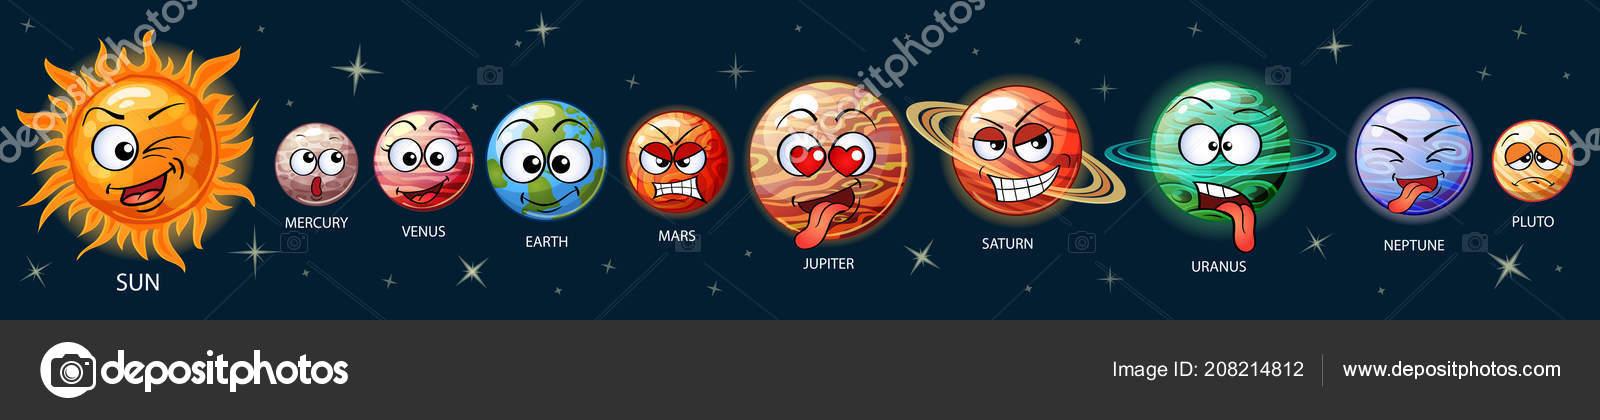 симпатичные Emoji планет солнечной системы солнце меркурий